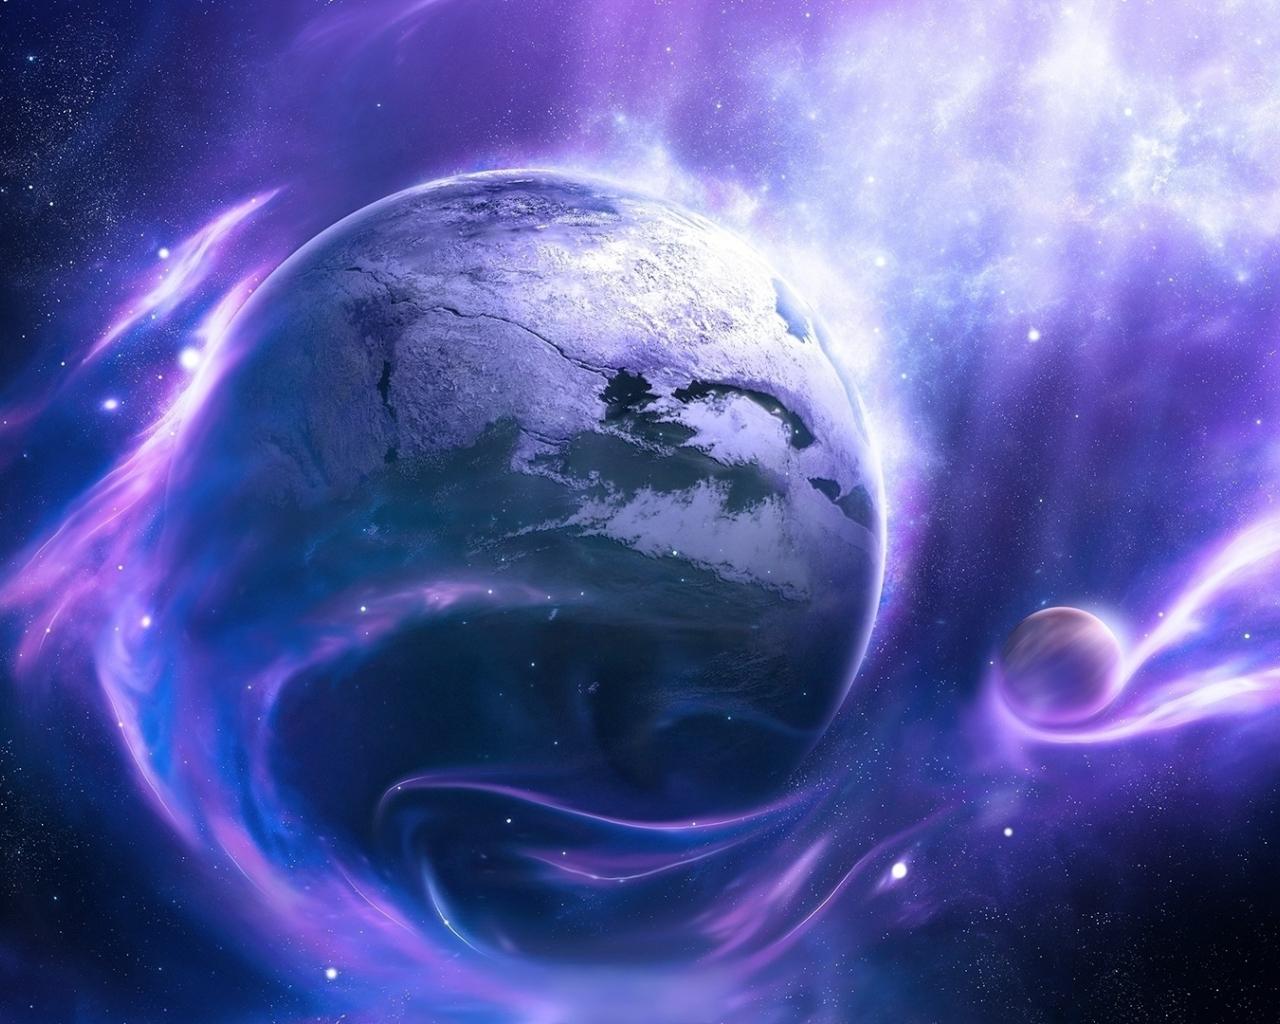 Free download Purple galaxy wallpaper 26081 [1920x1080 ...